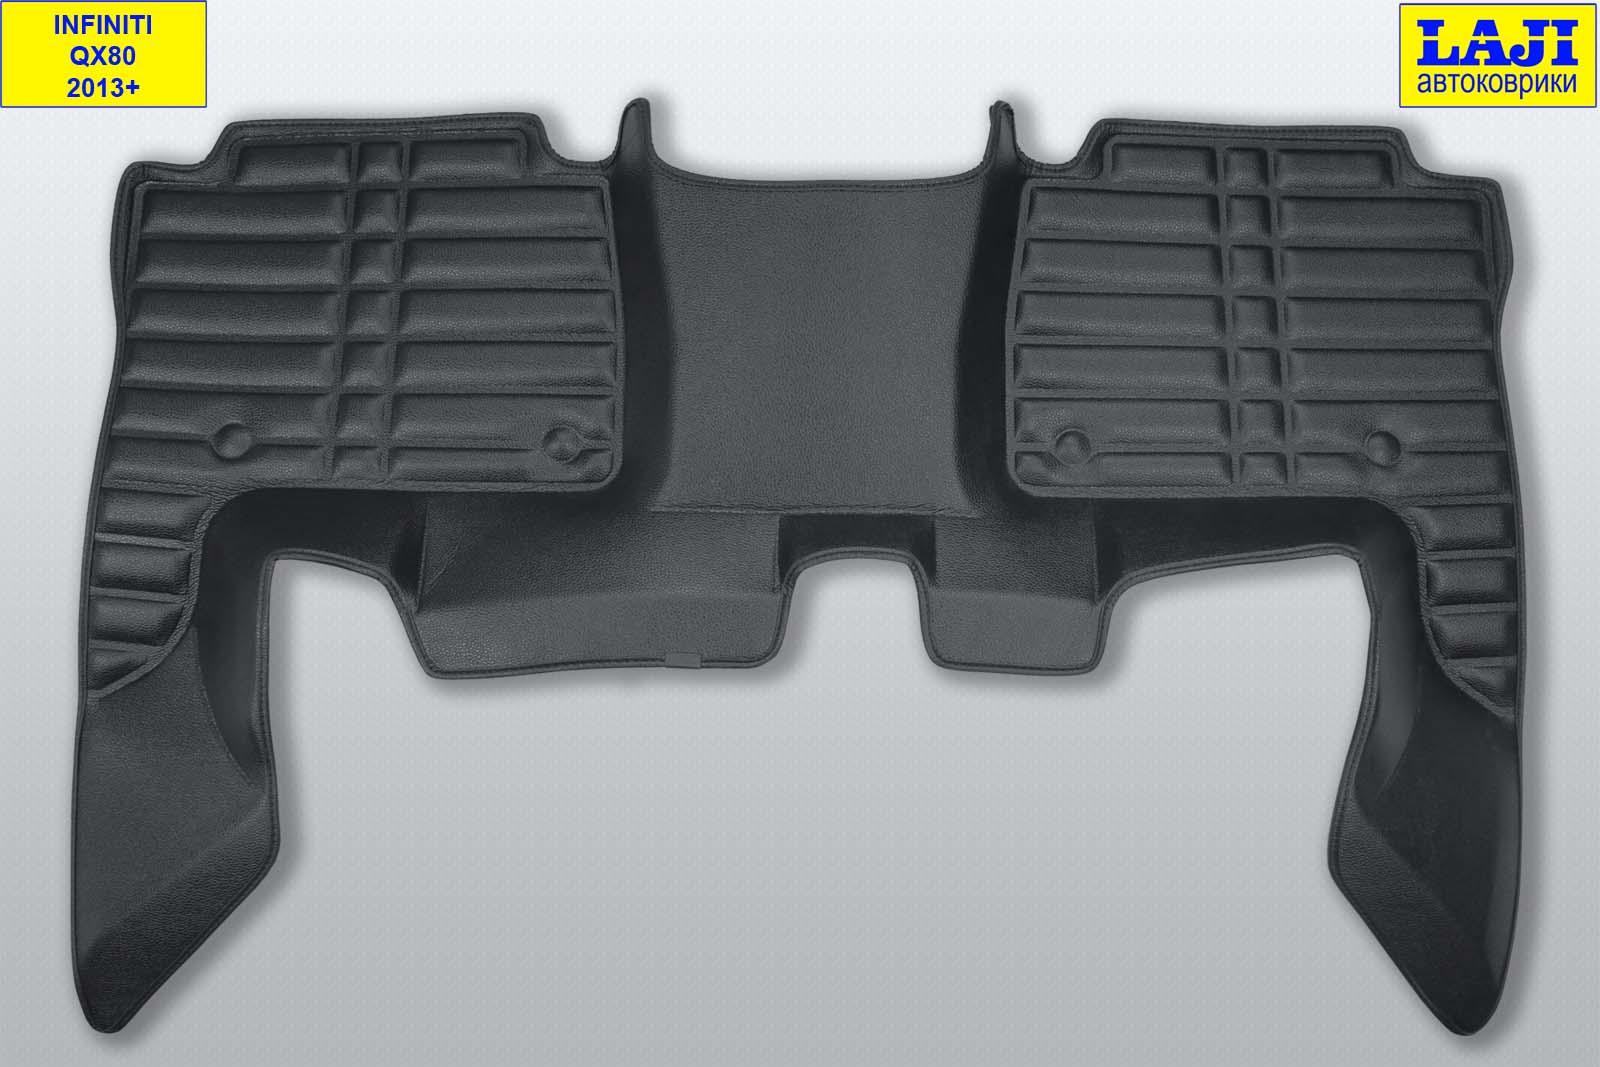 5D коврики в салон Infiniti QX80 2013-н.в. 9